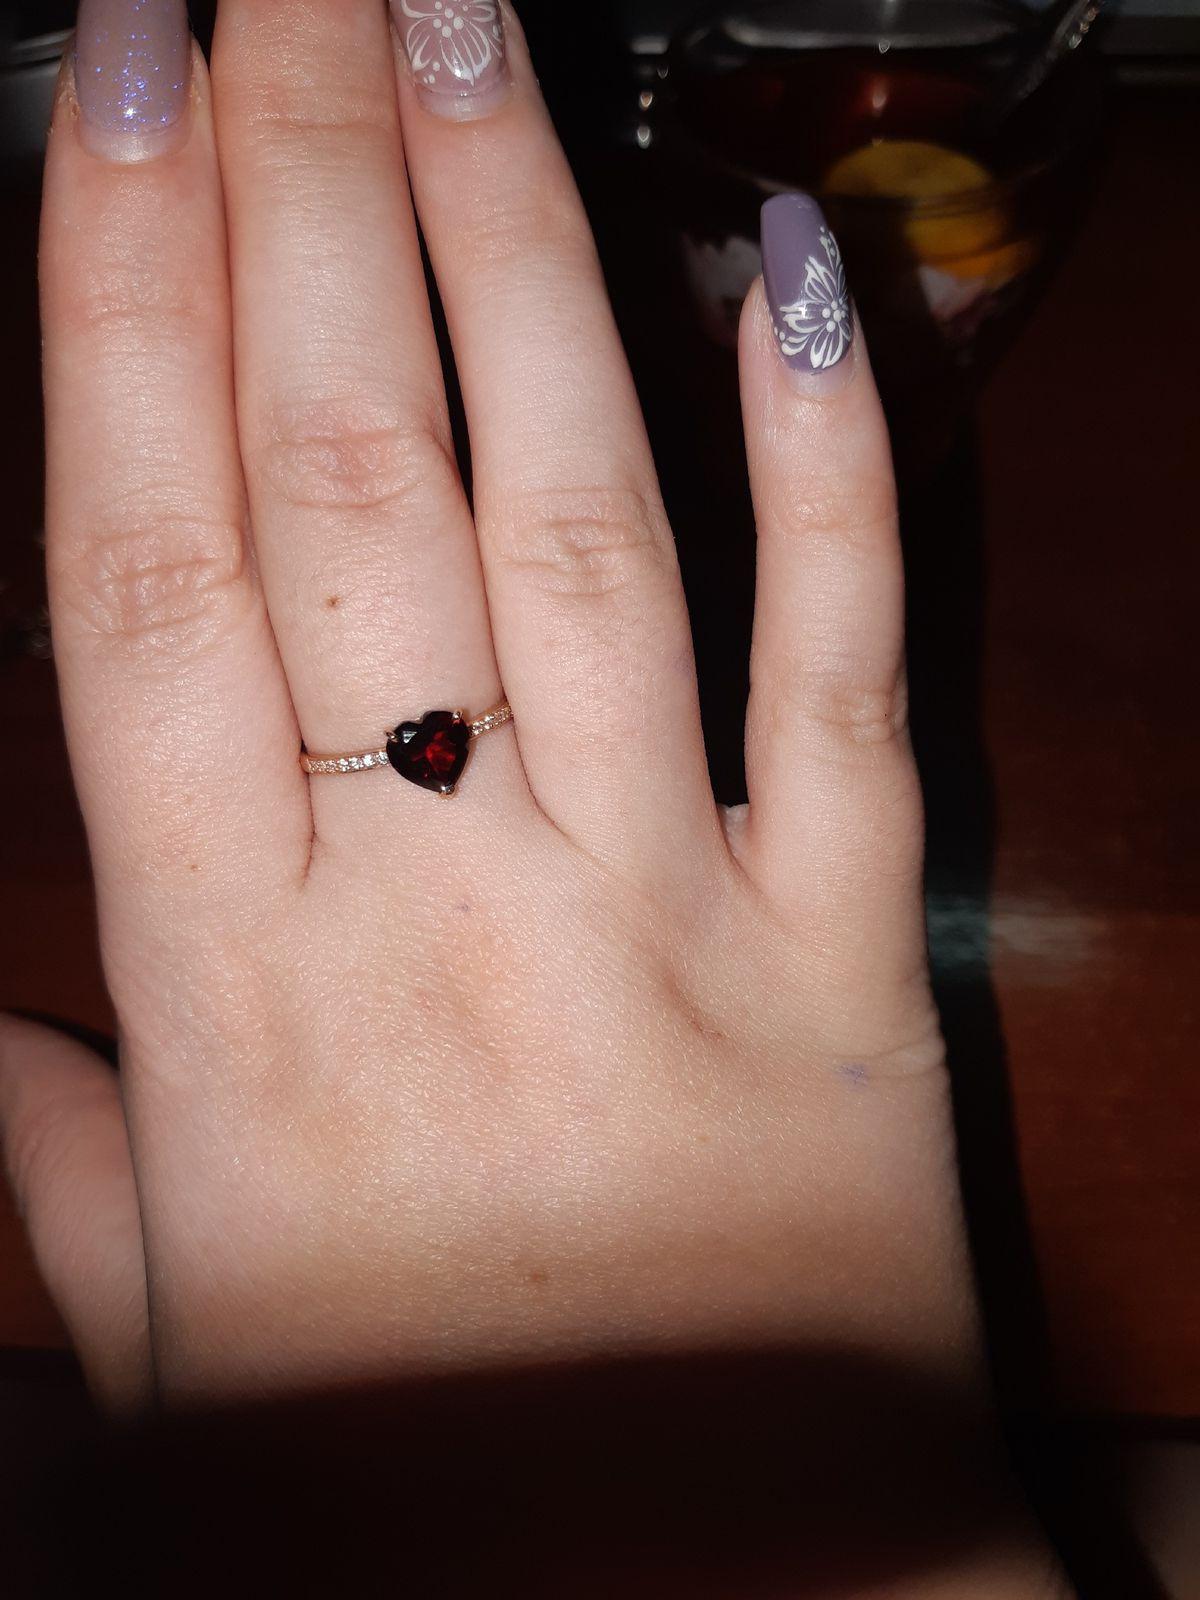 Давно хотела это кольцо!